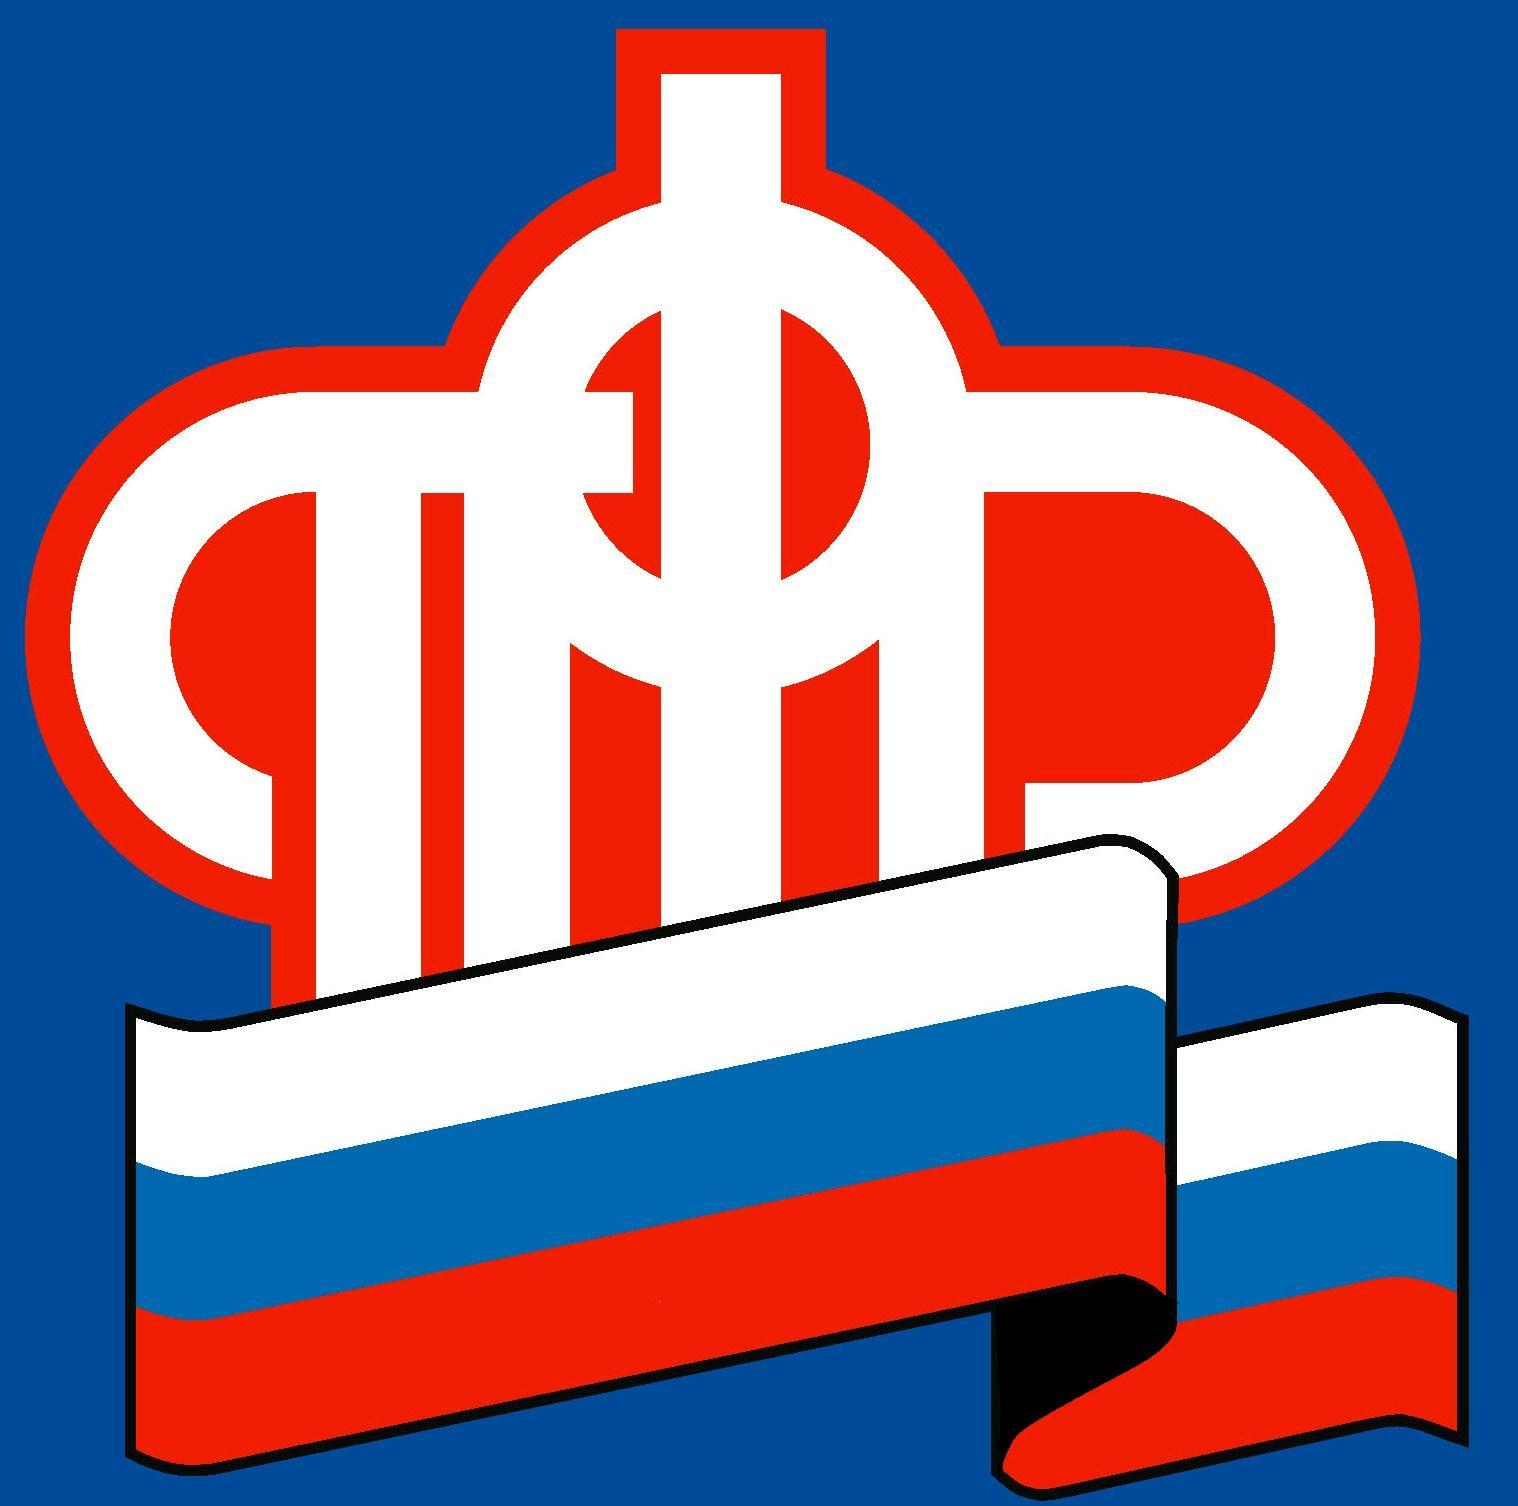 Все петровские пенсионеры получат по 10 тысяч рублей